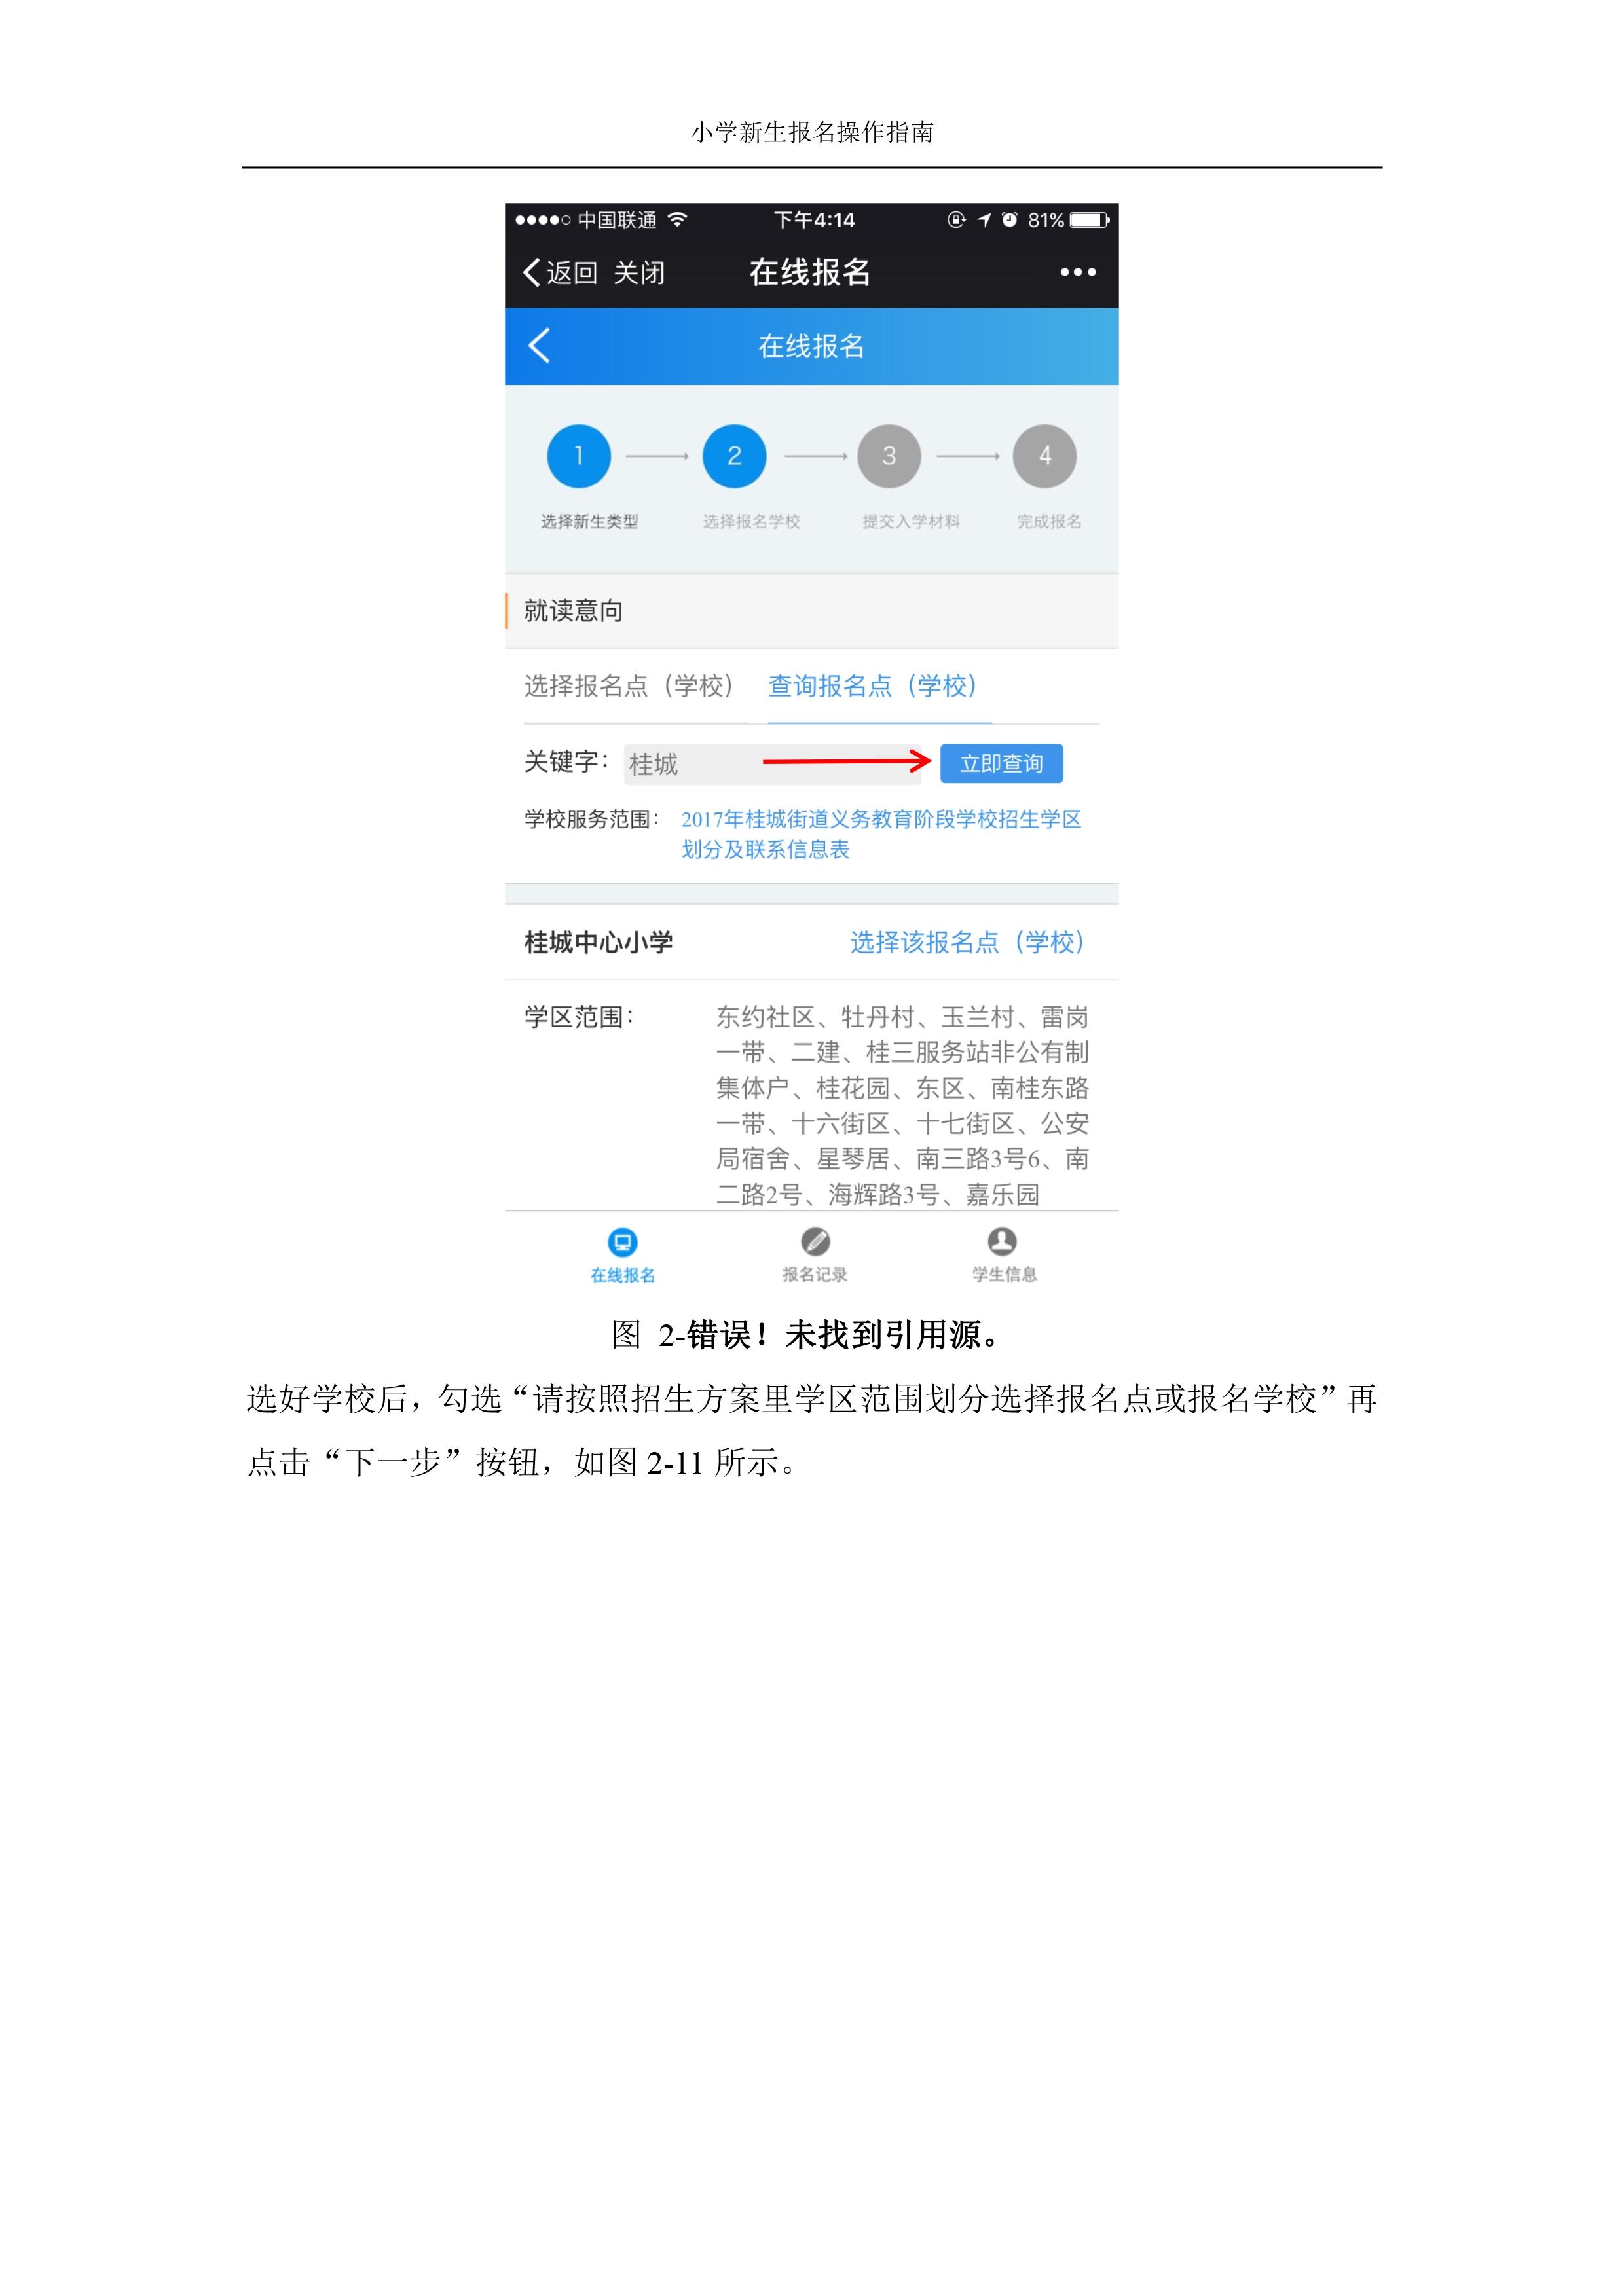 公办小学(一年级)入学服务系统(网上报名)-操作指南-37.jpg